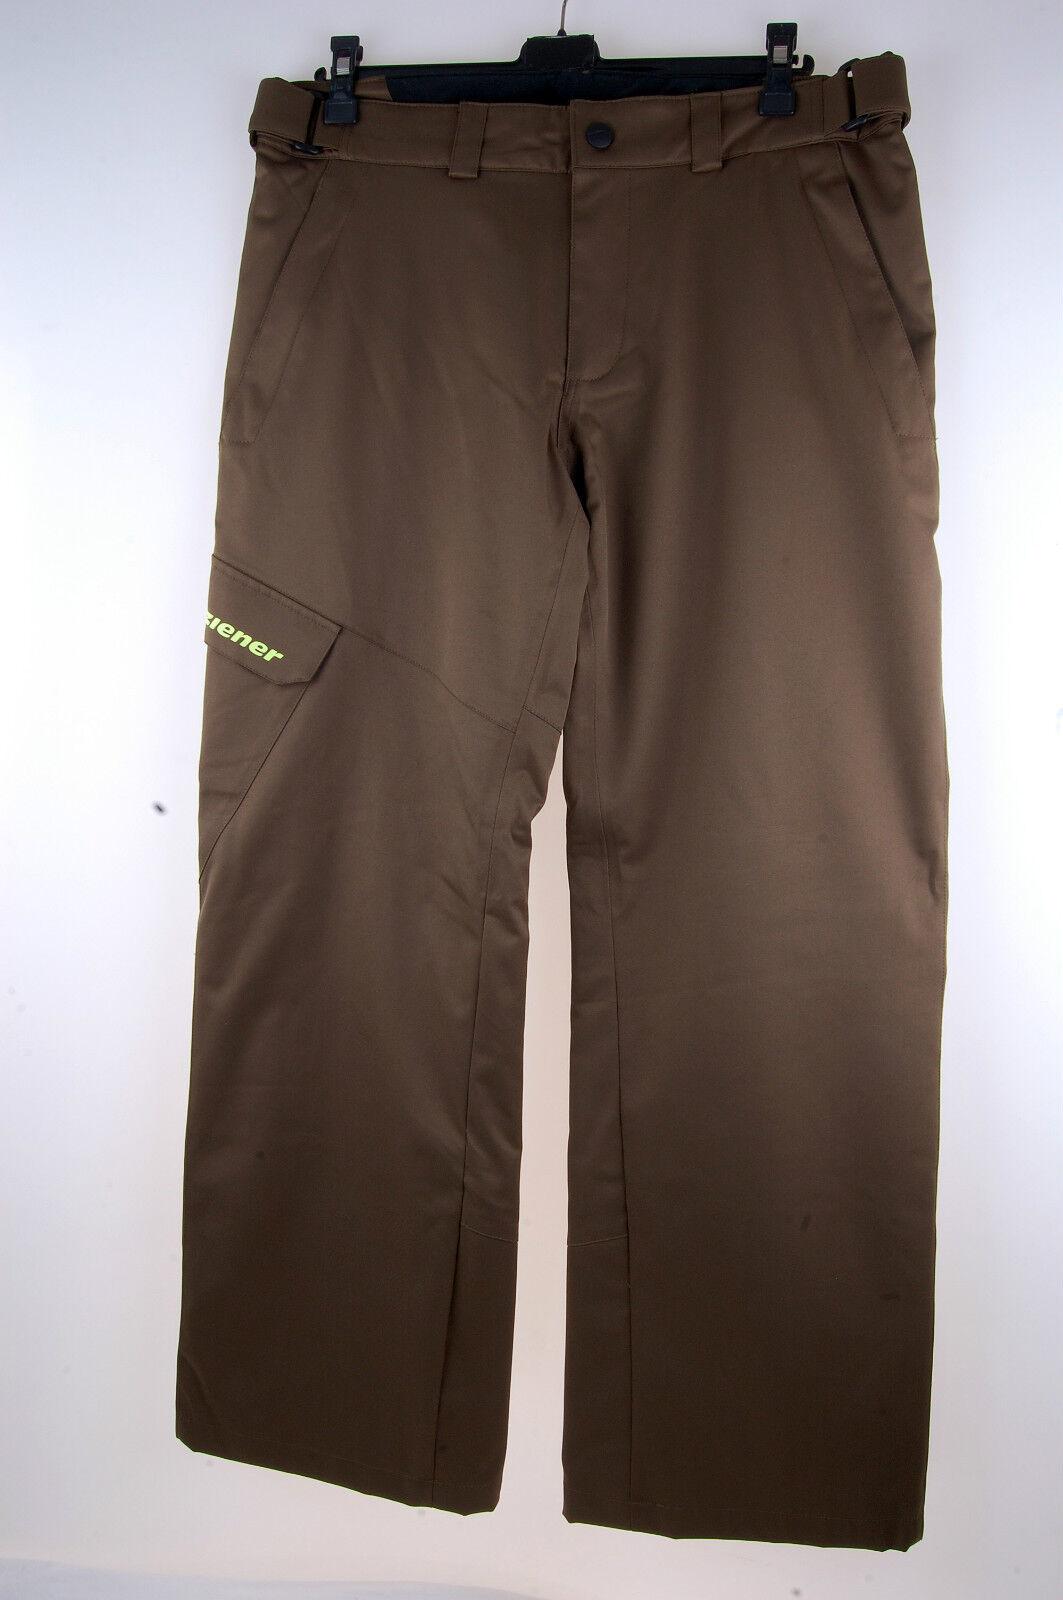 Ziener Hombres Pantalones Esquí Teviot Impermeable 10.000 Oliva 821 Talla 50